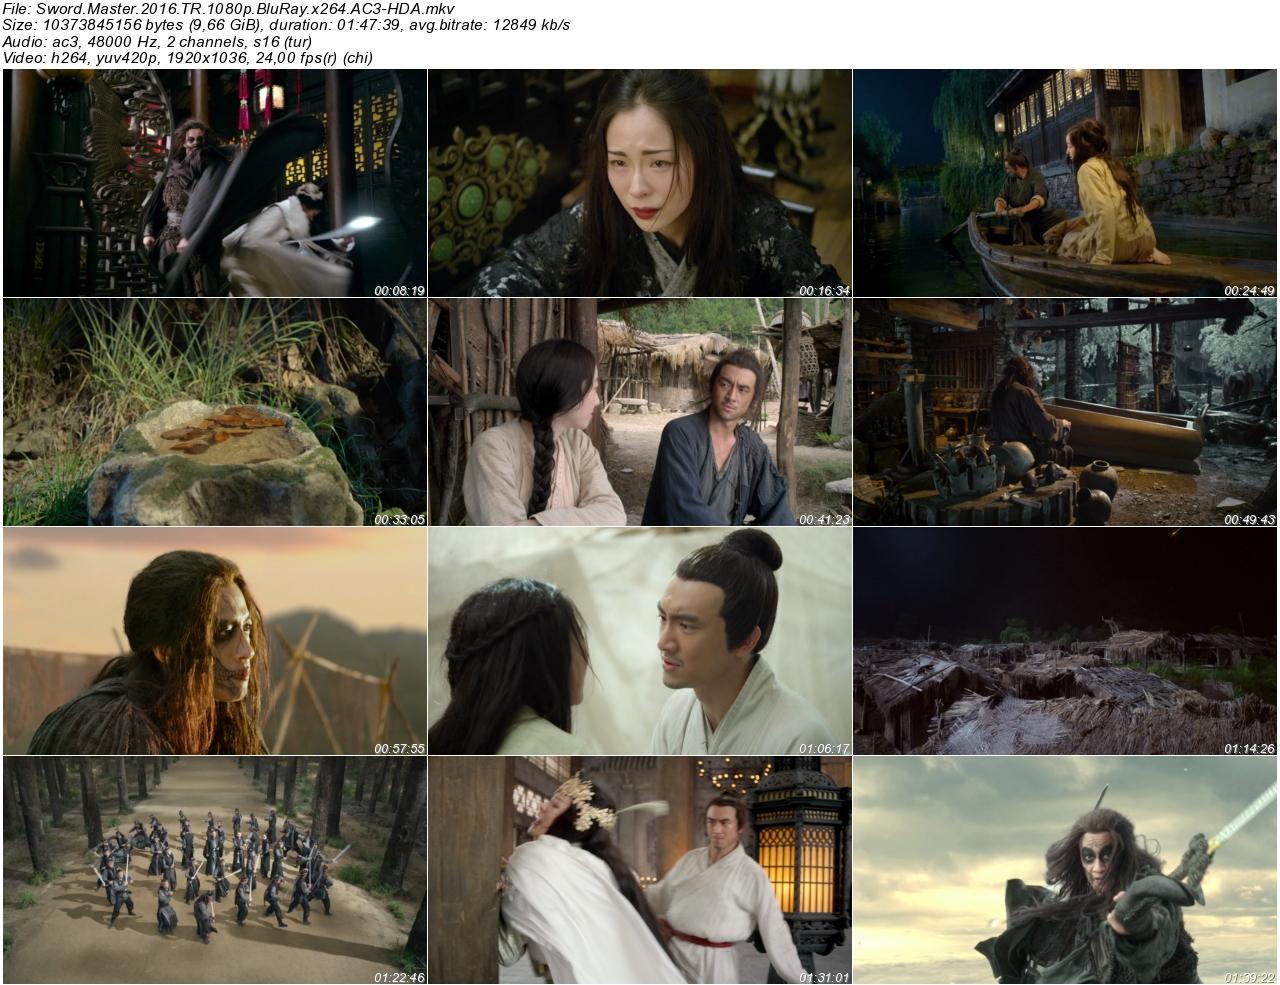 Sword Master 2016 - 1080p 720p 480p - Türkçe Dublaj Tek Link indir